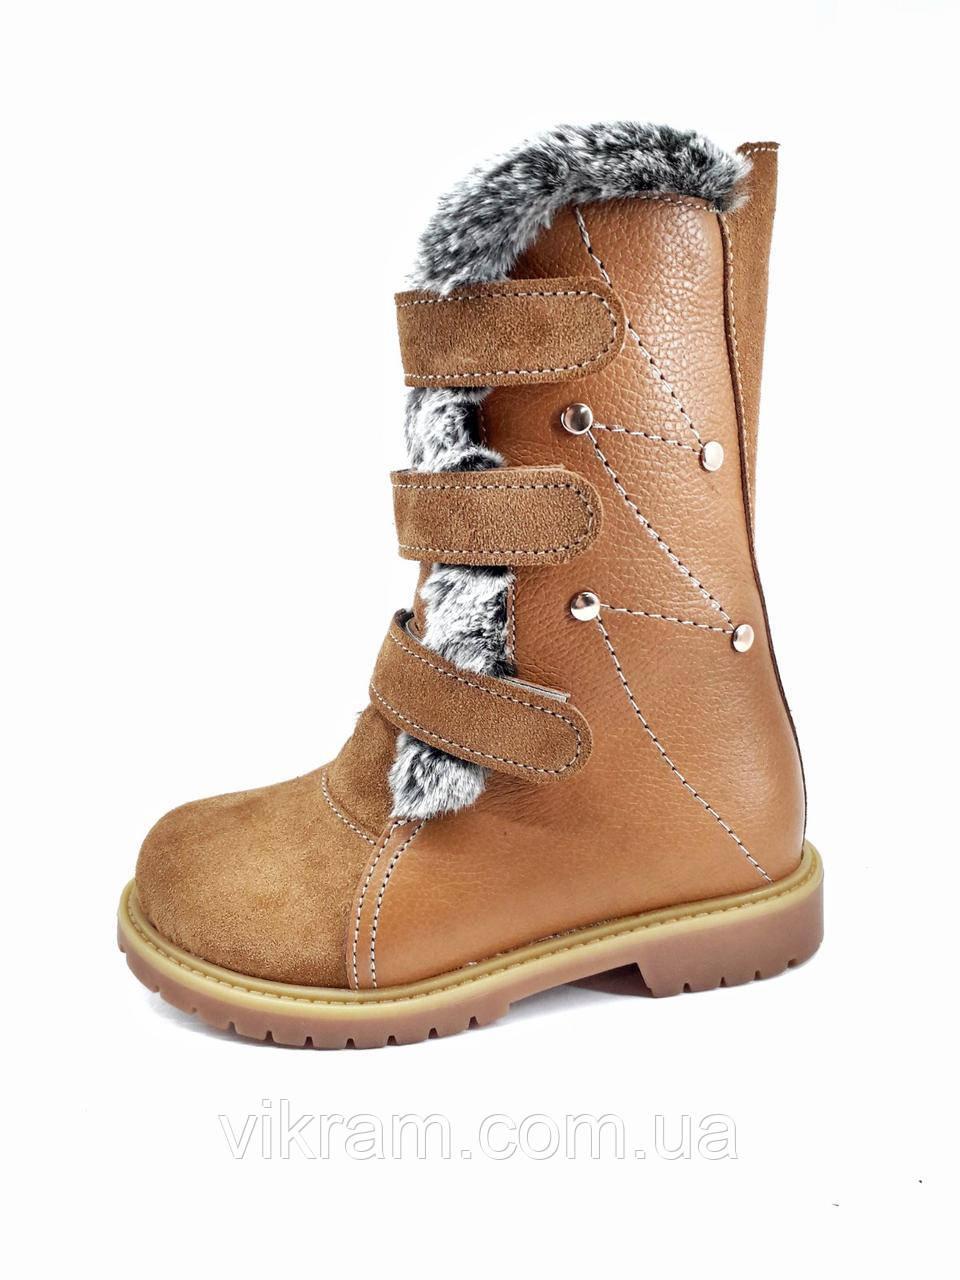 Зимние ортопедические ботиночки для девочек  VIKRAM.ORTO 22р-31р рыжий